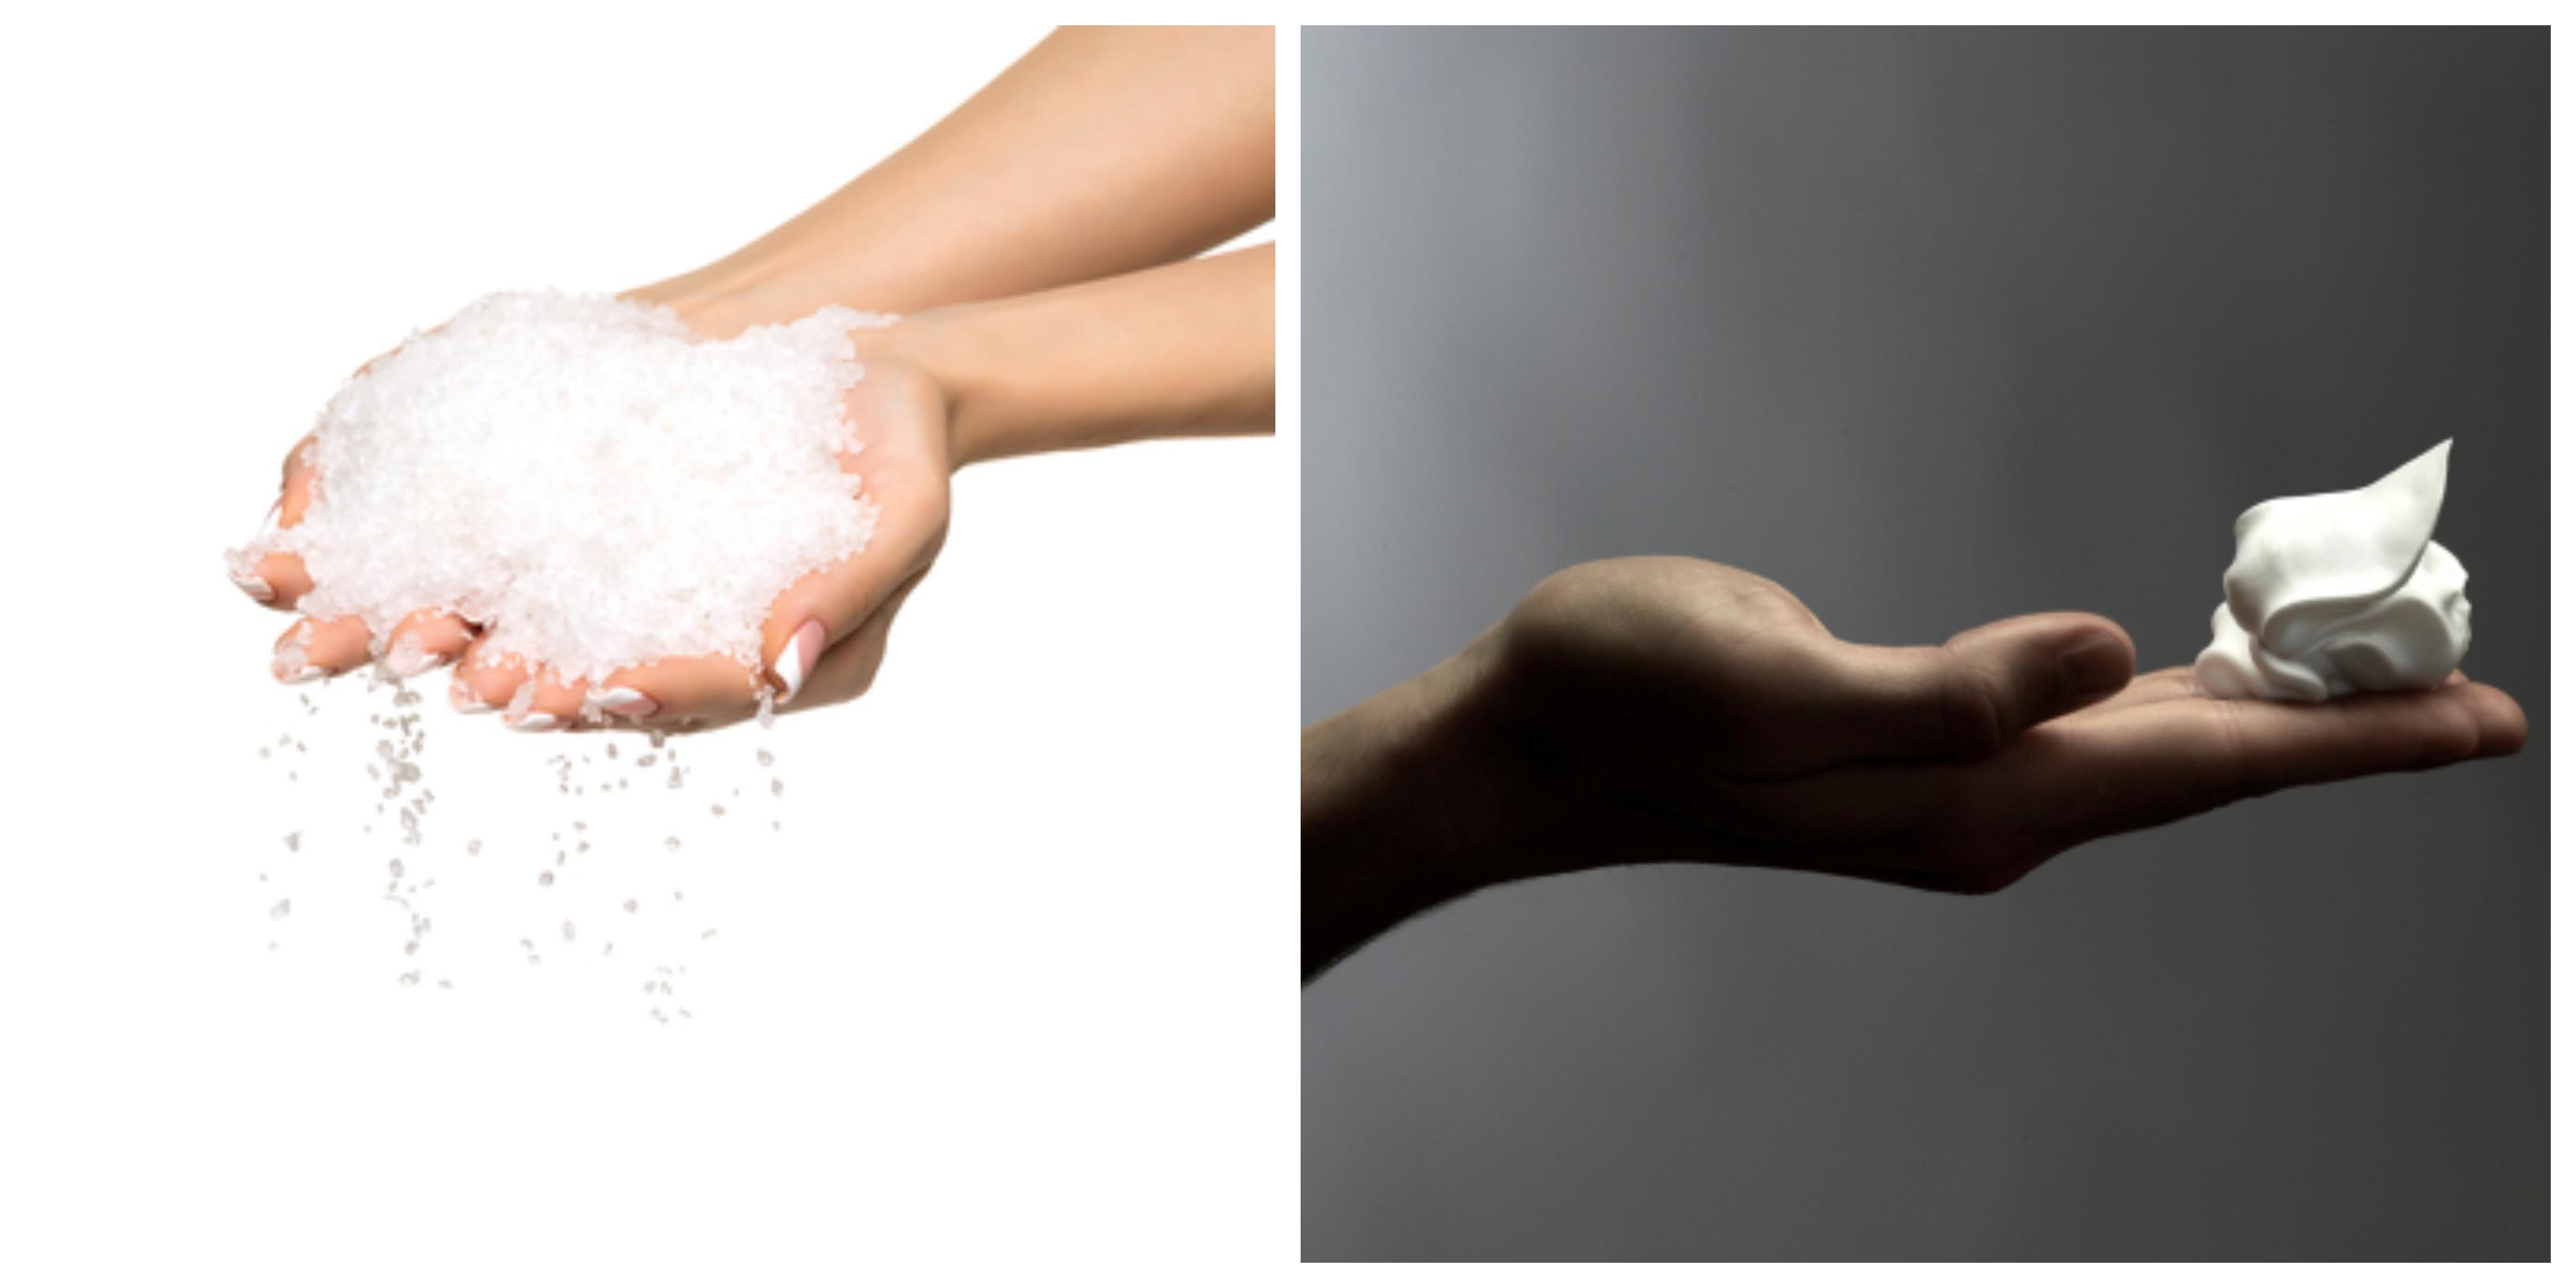 hands hold salt, shaving cream